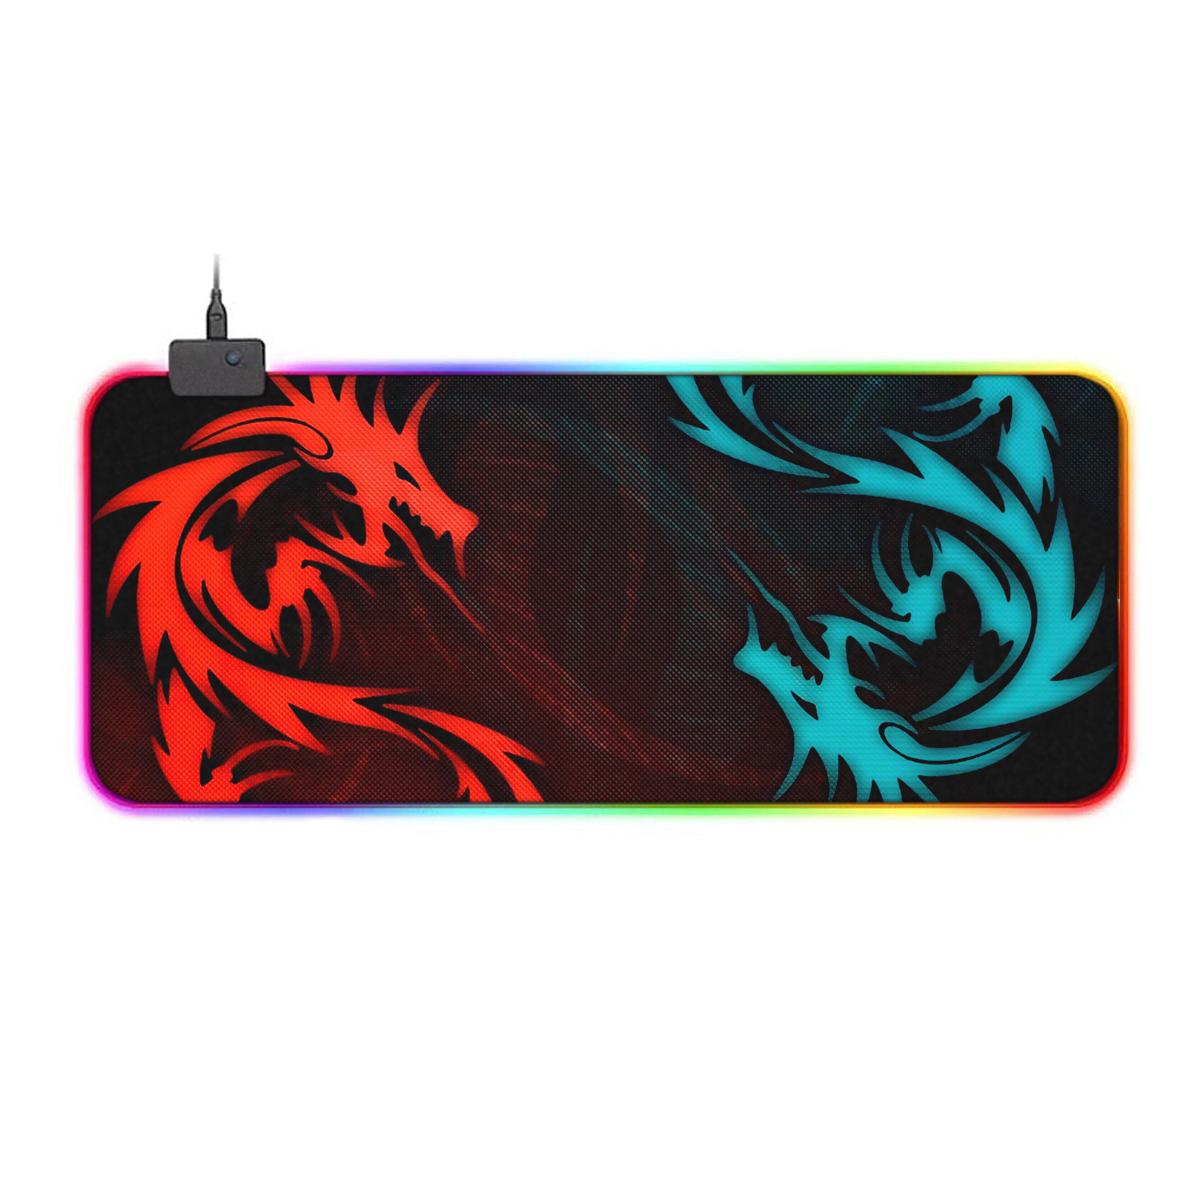 بررسی و {خرید با تخفیف} ماوس پد مخصوص بازی مدل GMS-WT-5 RGB طرح اژدها اصل